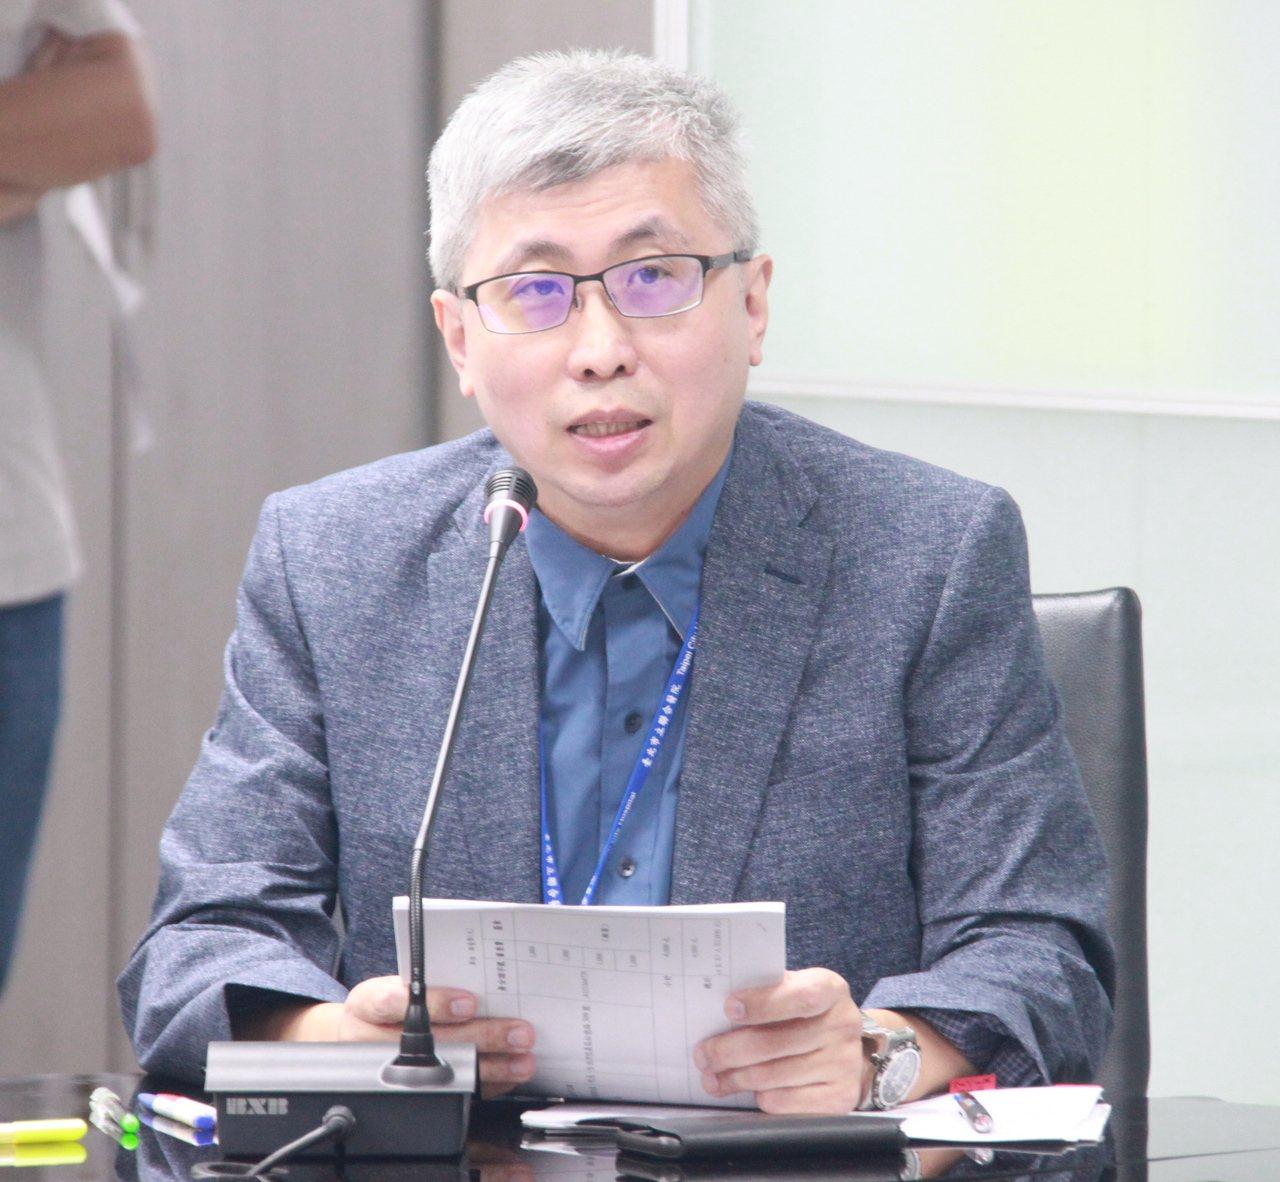 台北市立聯合醫院松德院區院長楊添圍。圖/衛生局提供